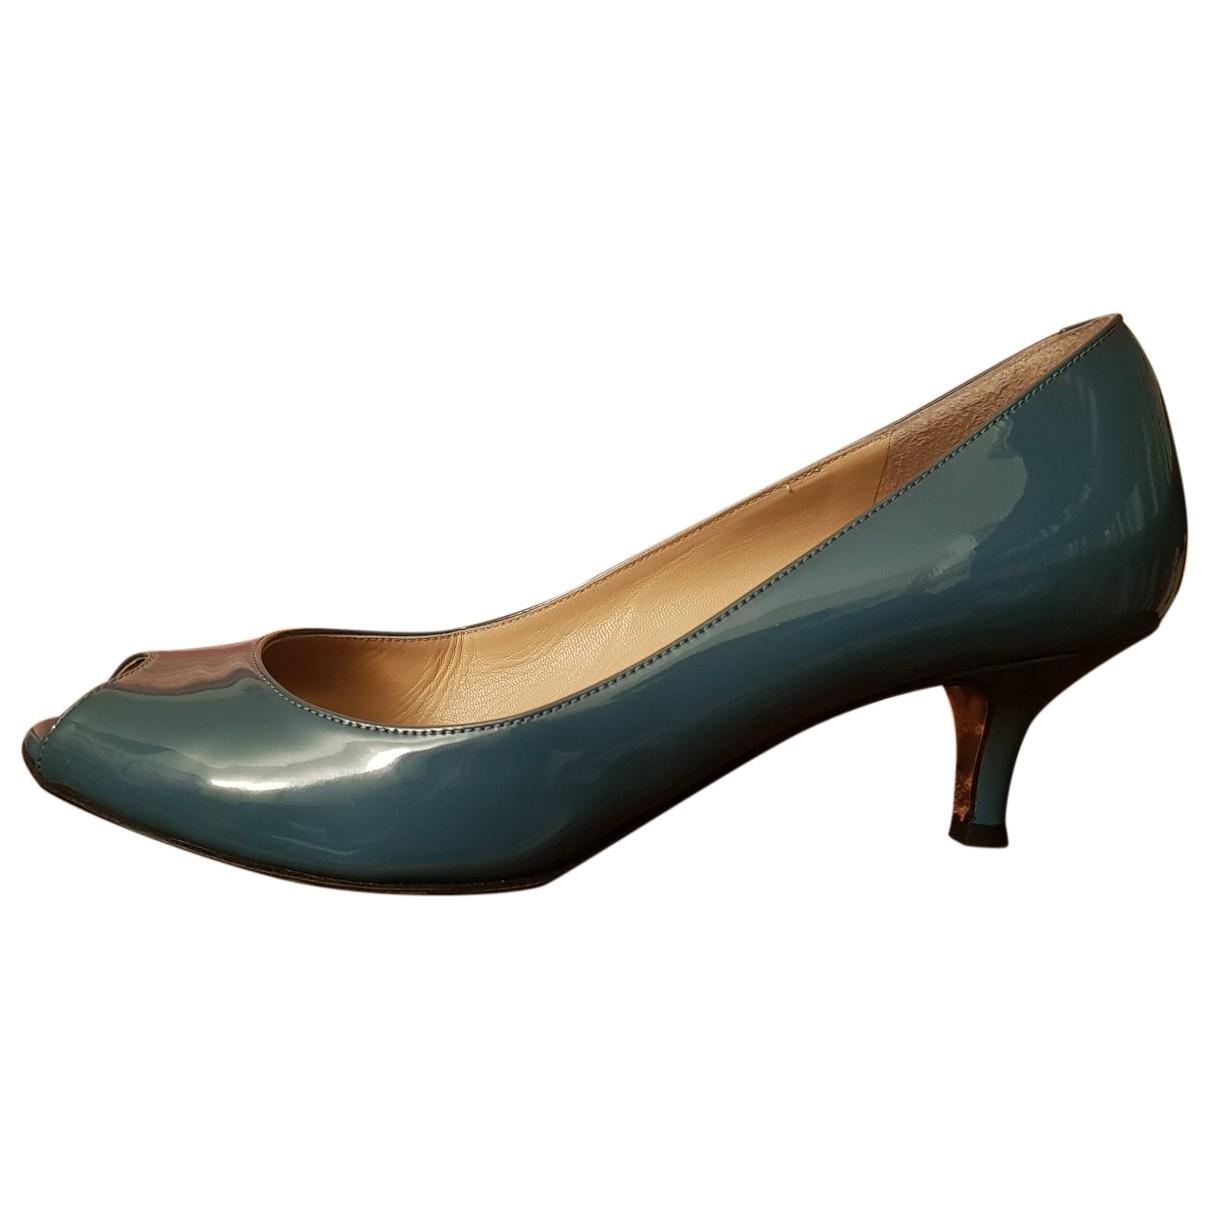 Dolce & Gabbana - Escarpins   pour femme en cuir verni - turquoise